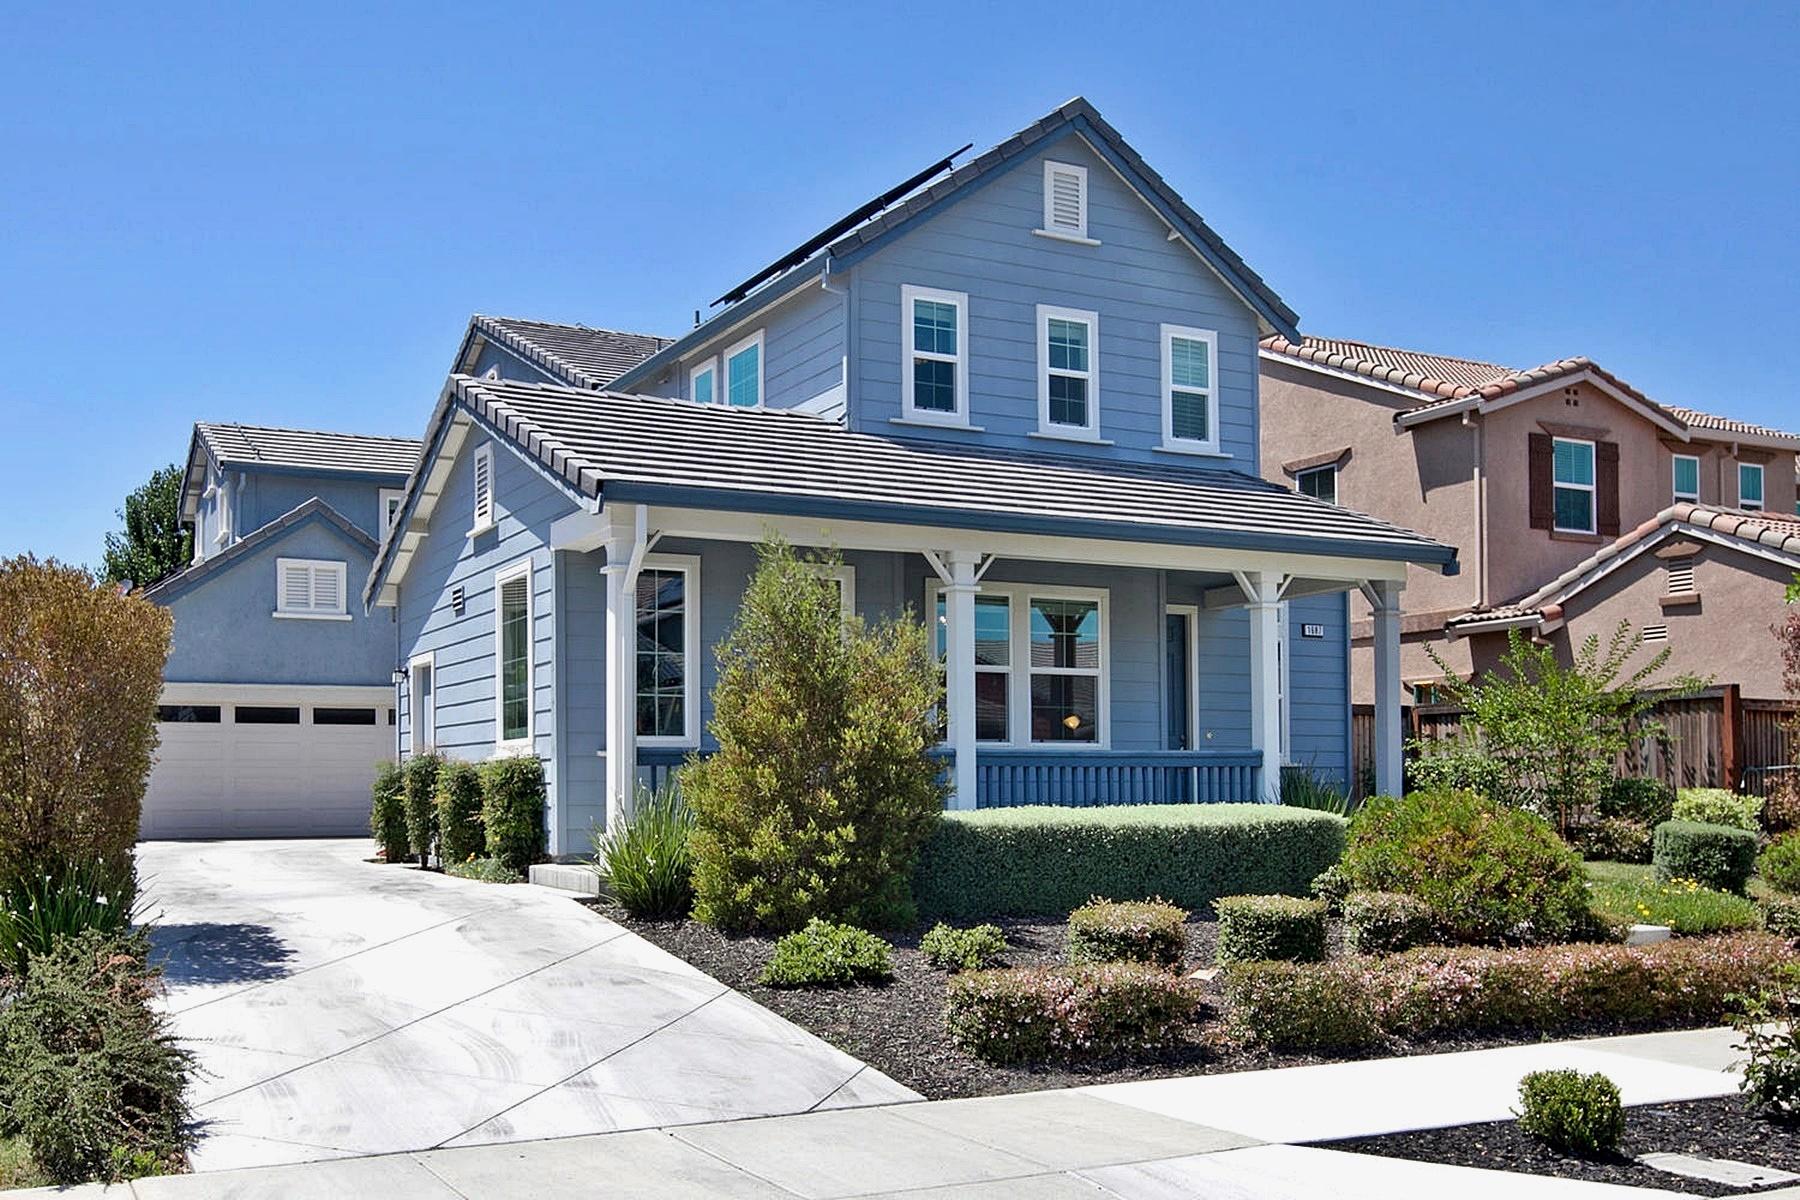 Maison unifamiliale pour l Vente à Spacious Brentwood Home 1687 Oakville Court Brentwood, Californie 94513 États-Unis